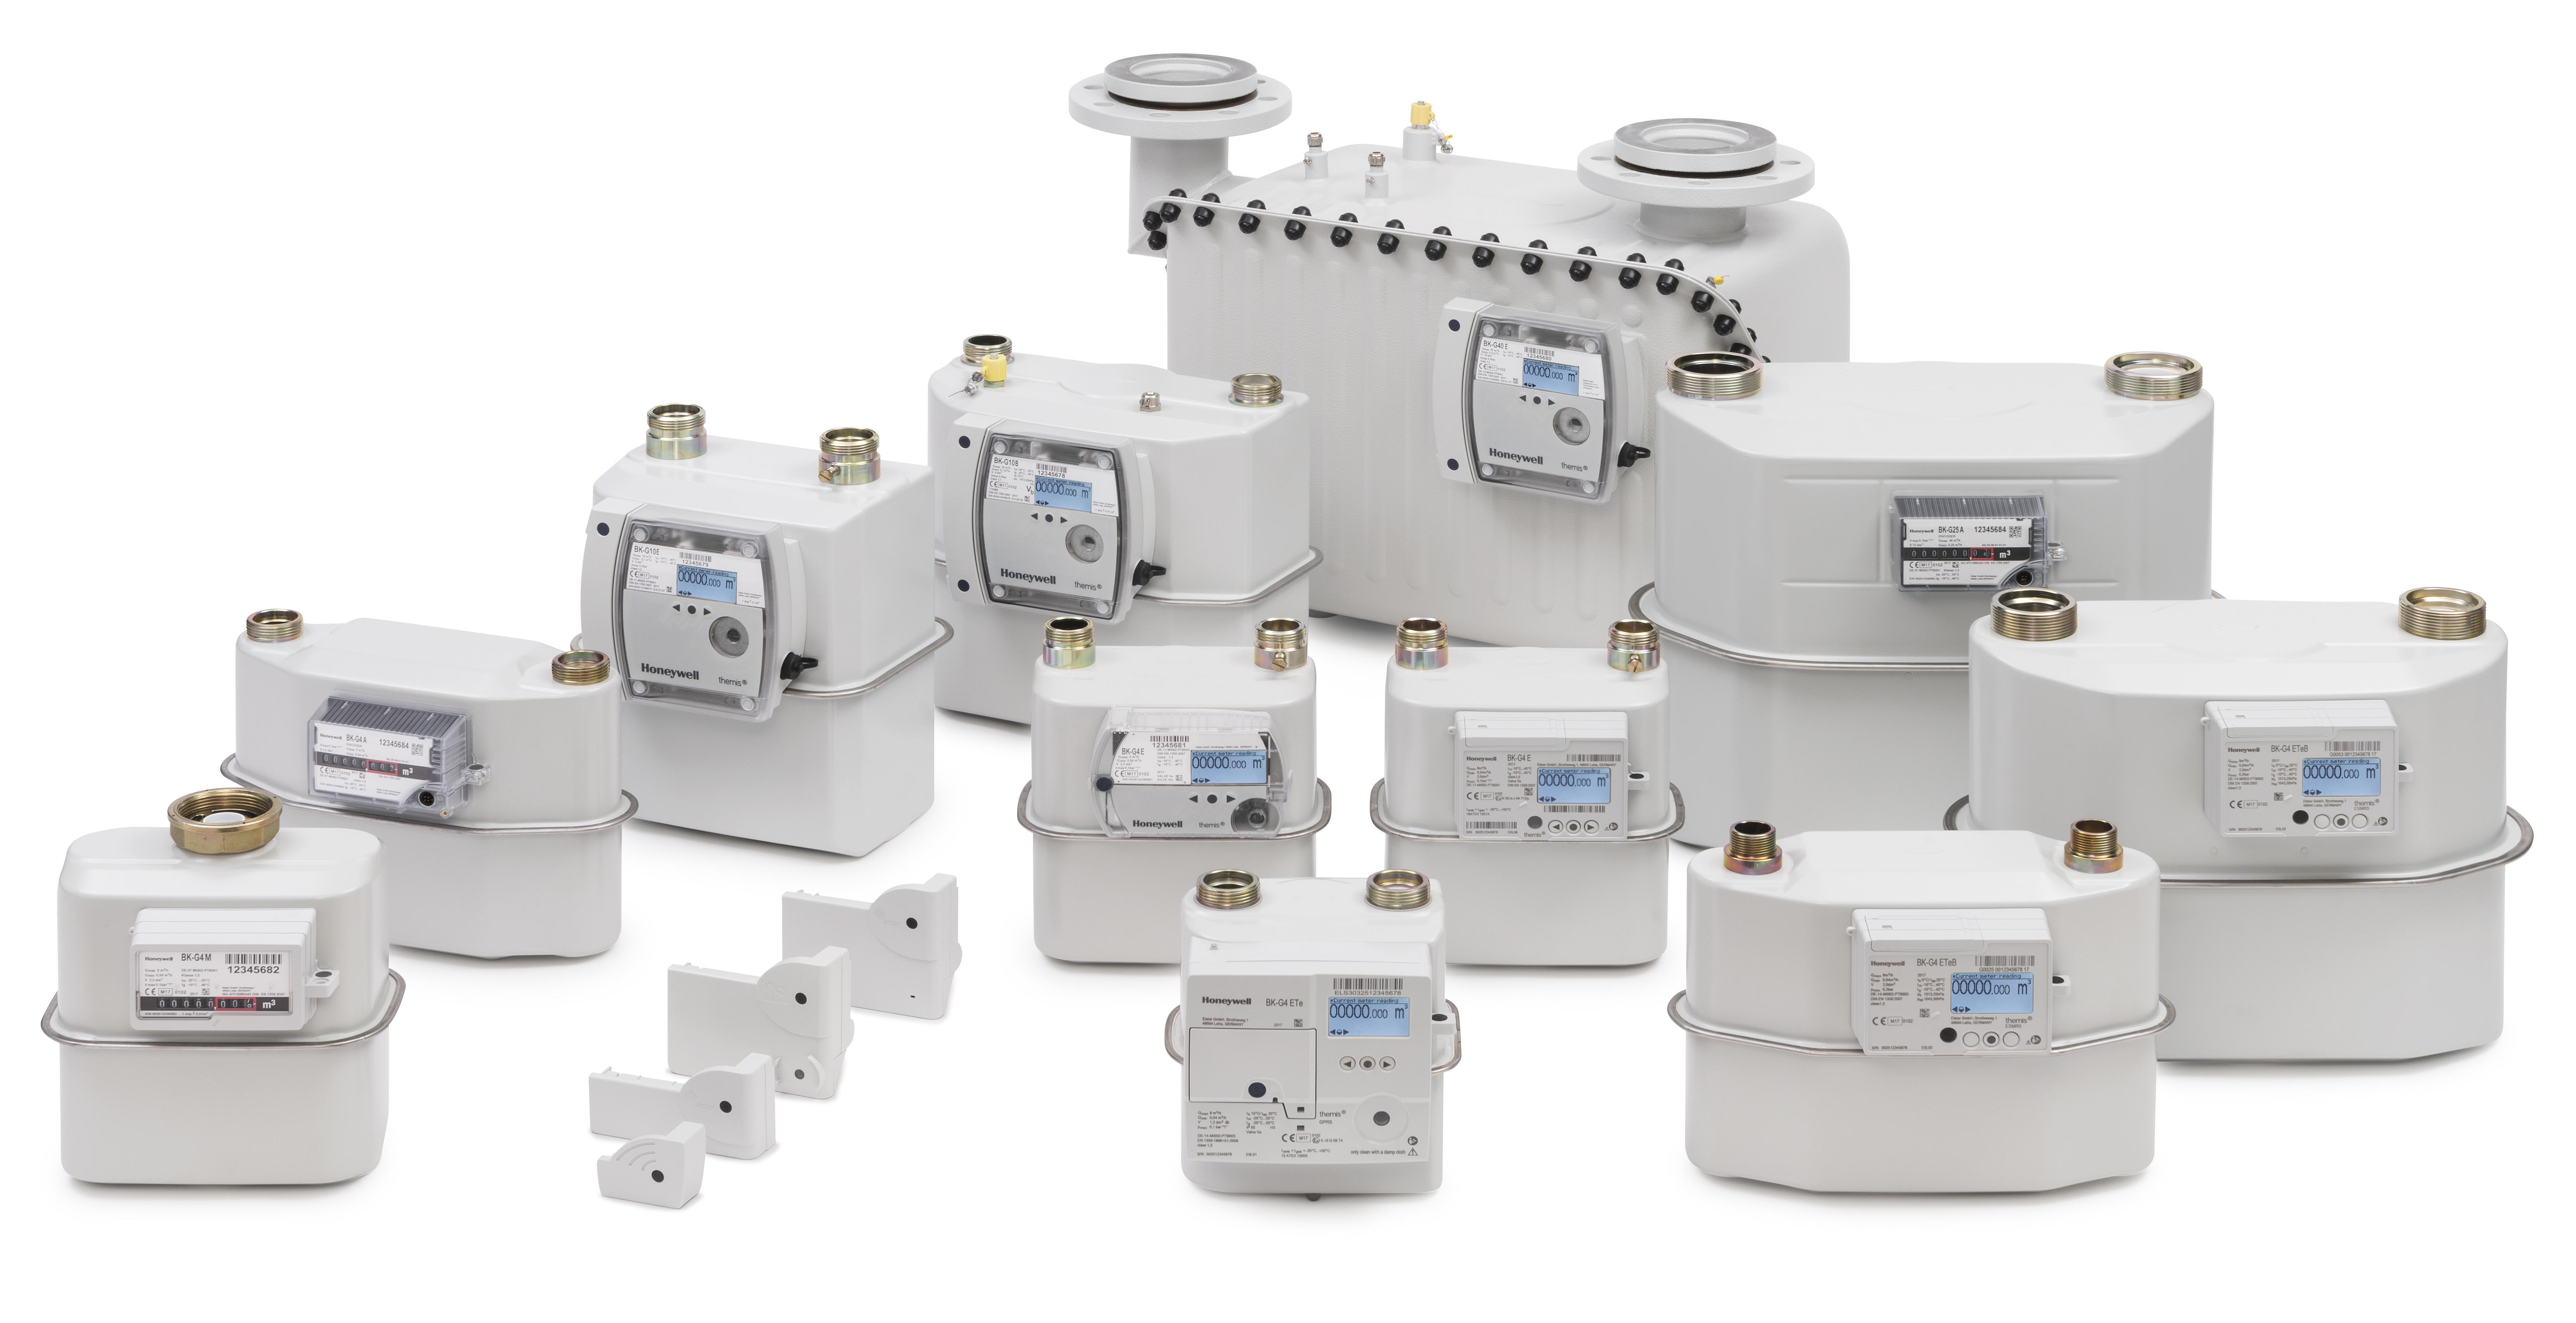 Smart Meters de membranas Honeywell - Kromschroeder